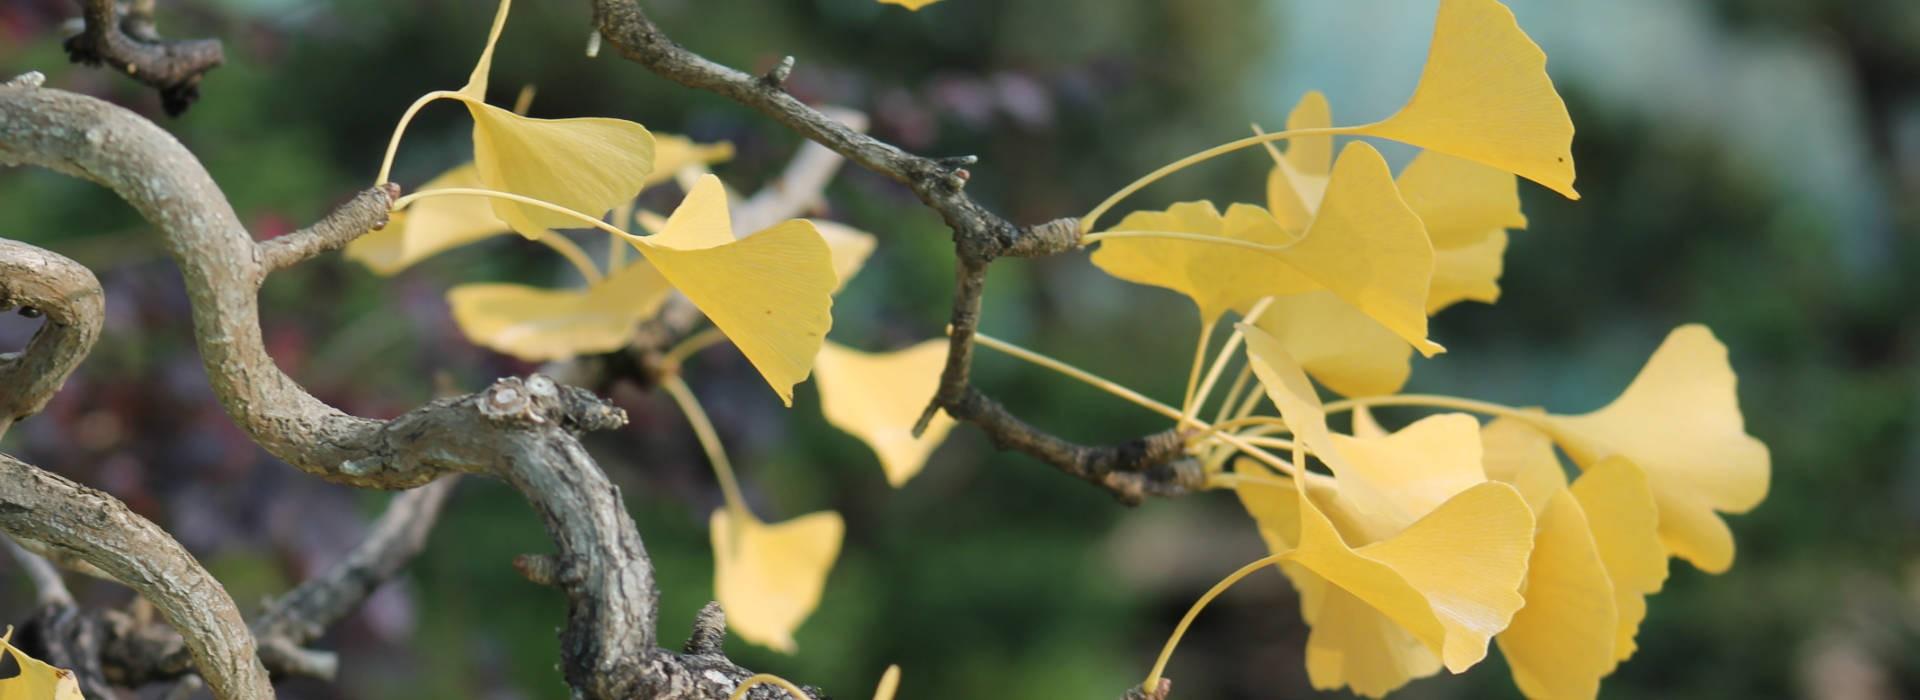 Couleurs d'automne sur Ginkgo Biloba